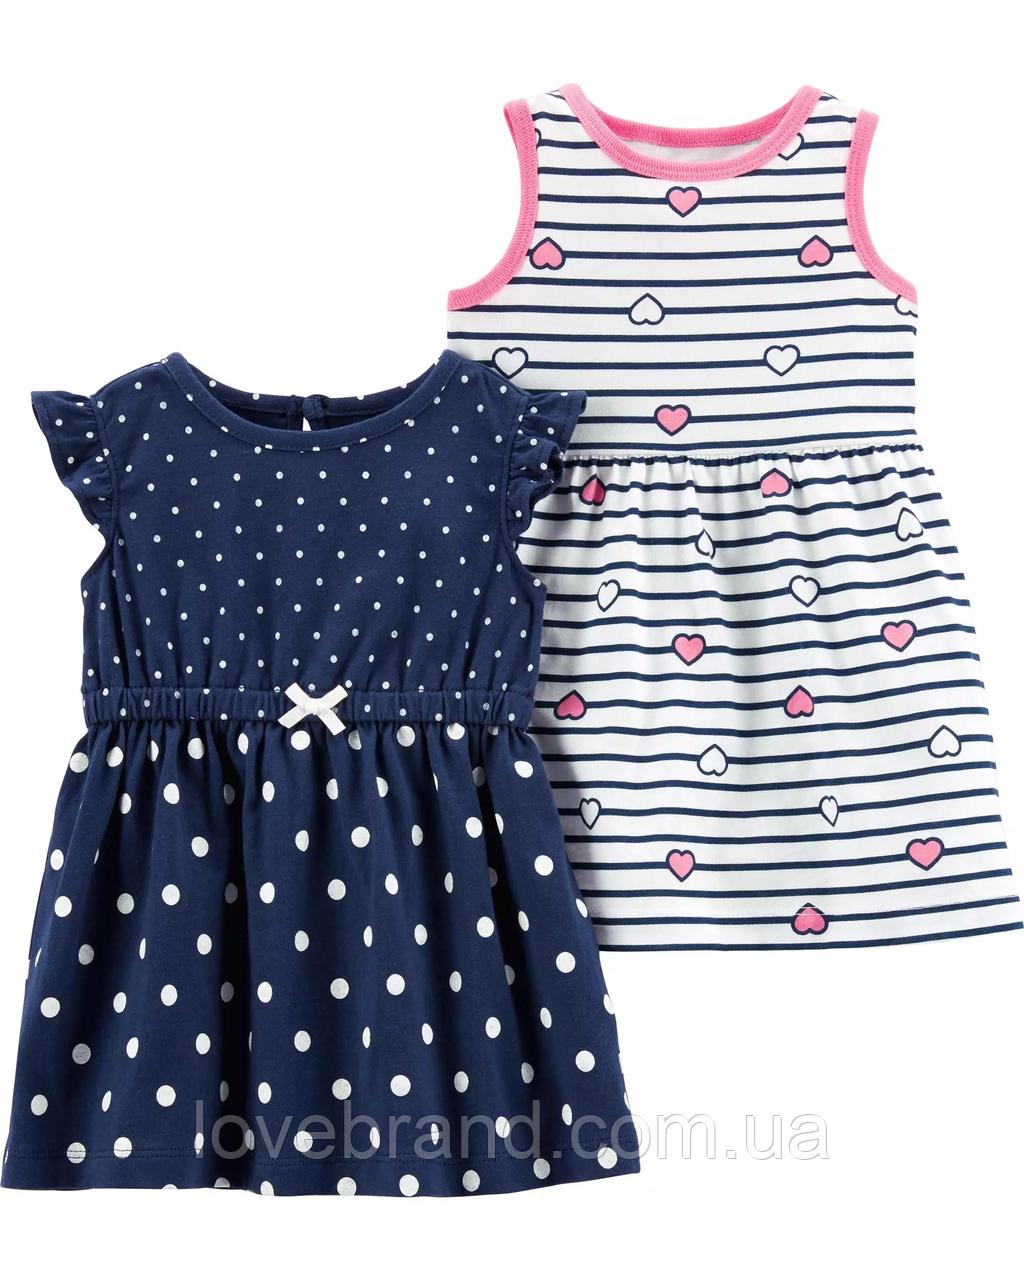 """Летний набор 2 платья """"Горошек"""" Carter's для девочки синий/белый , летнее платье картерс"""